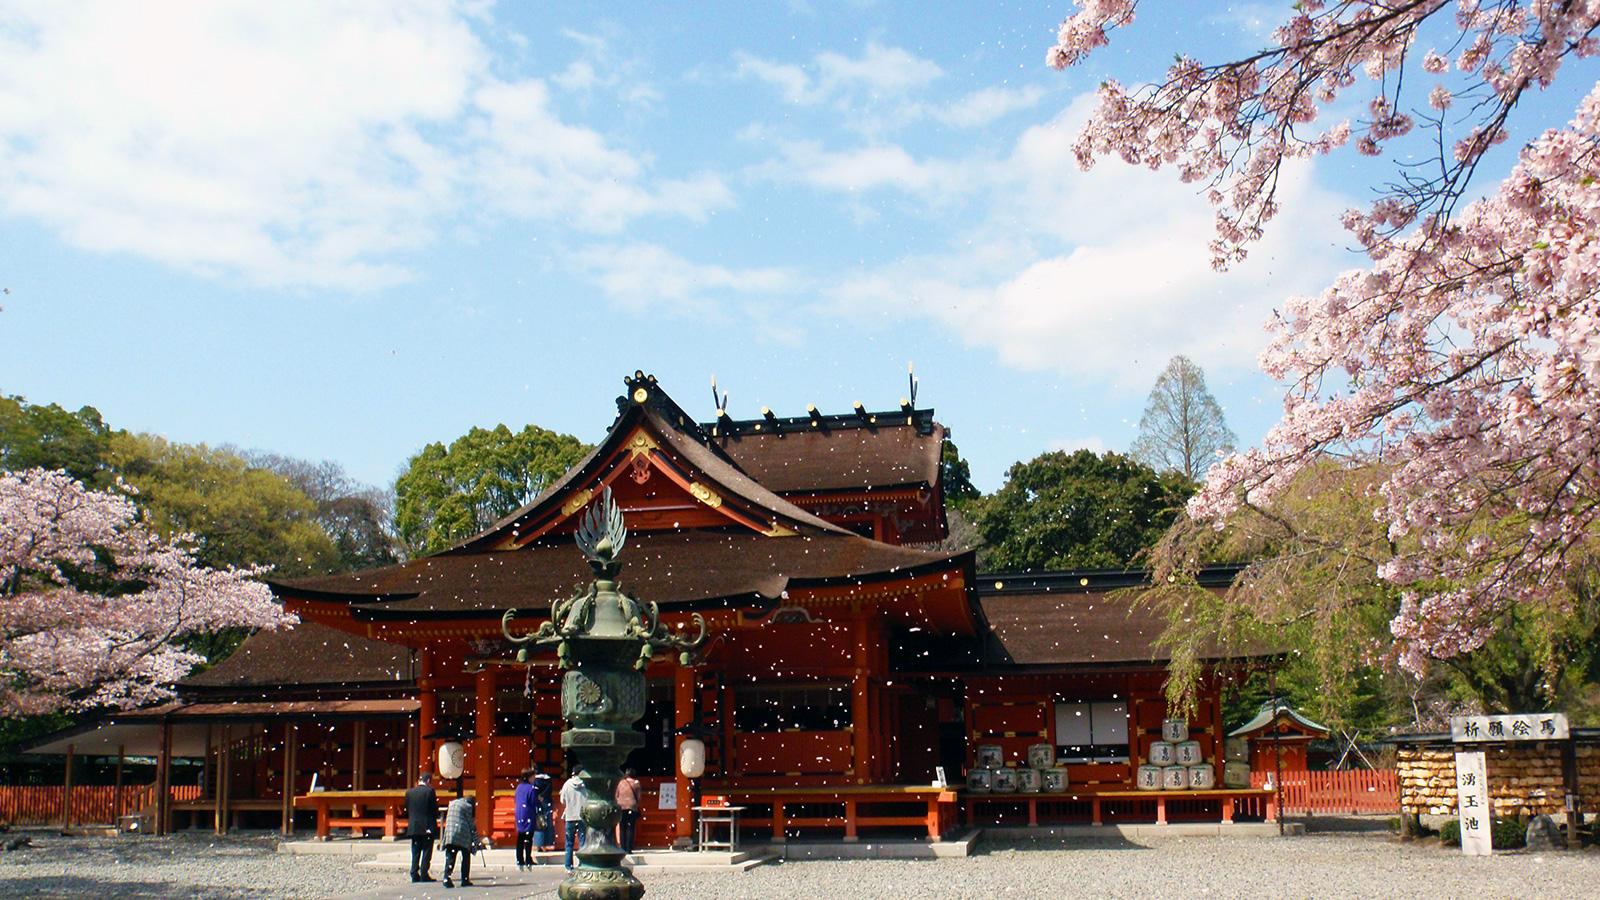 さくらの花びらが舞う富士山本宮浅間大社 - -富士宮市:富士山本宮浅間大社- -